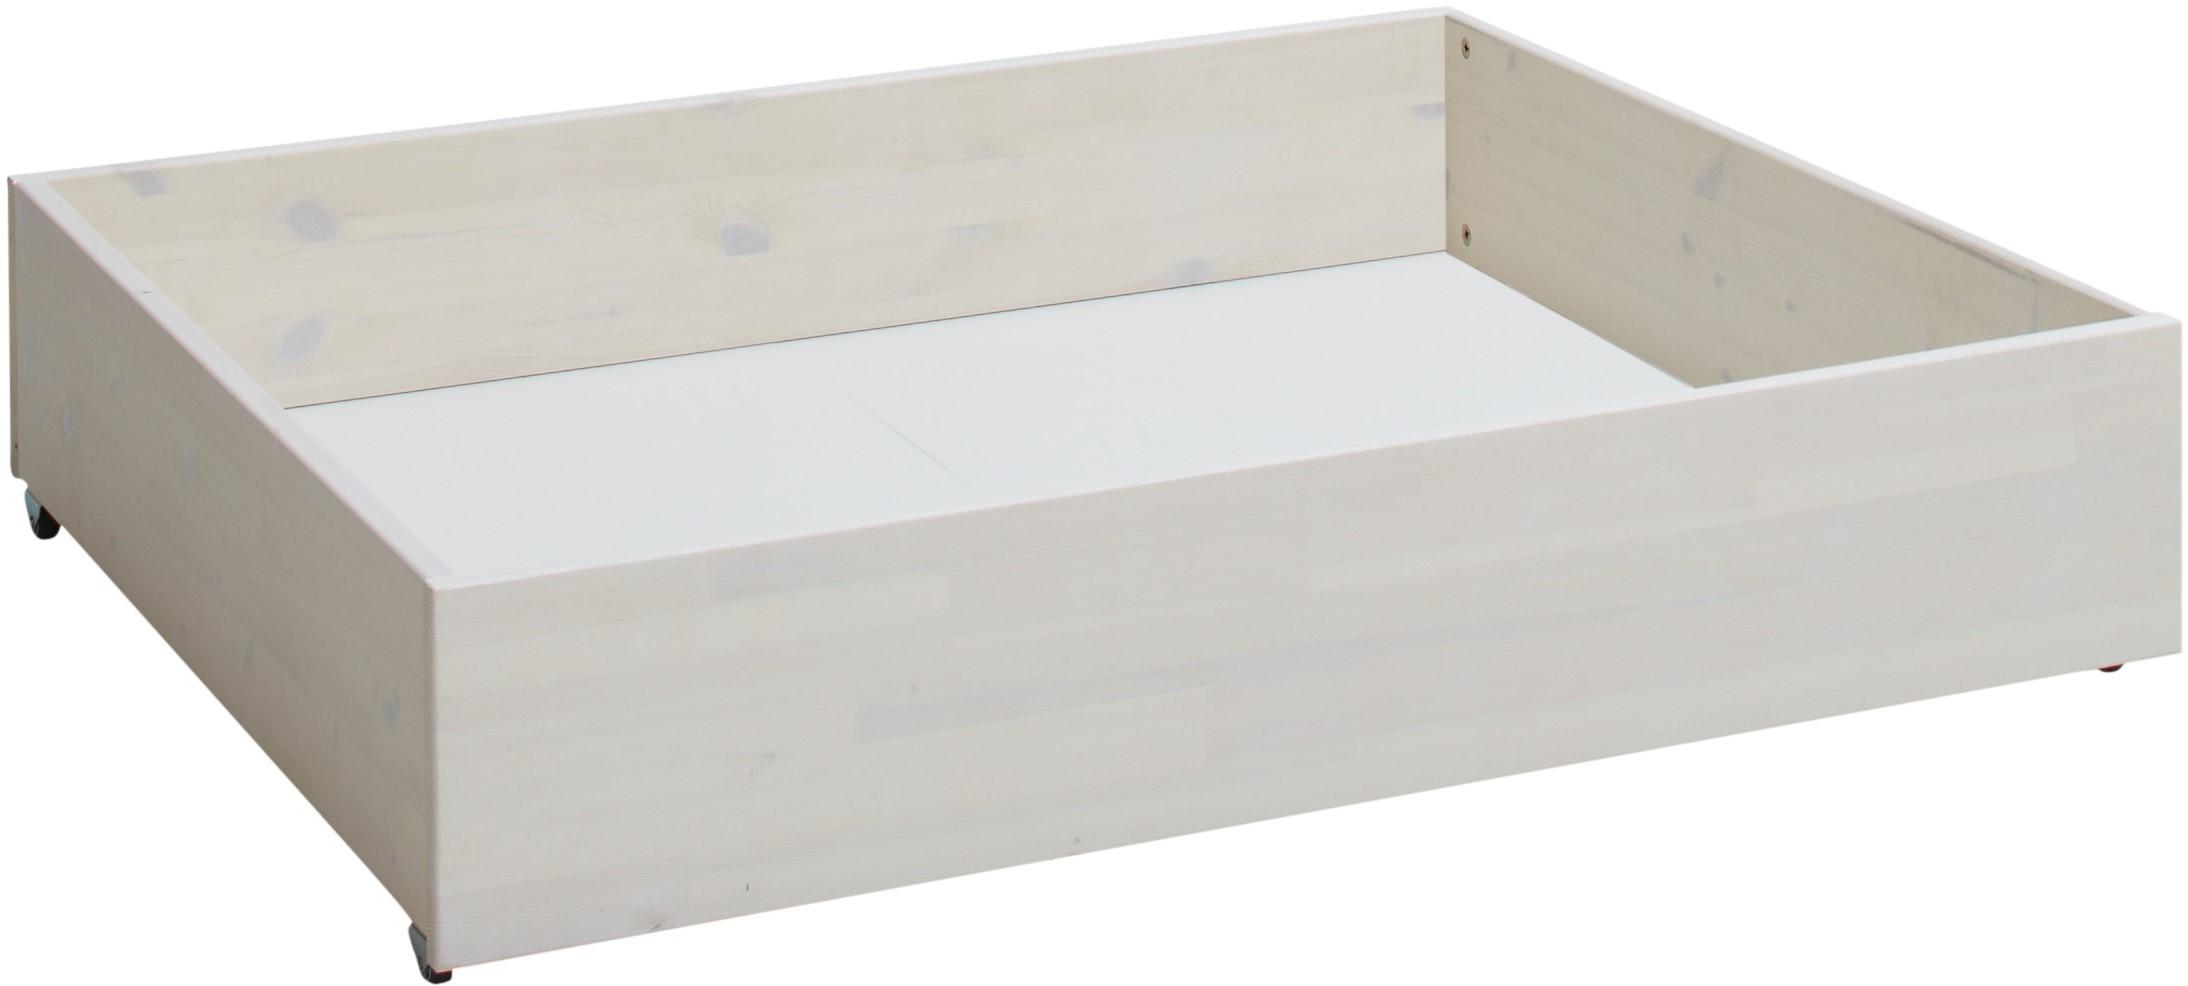 Lifetime kleiner Bettkasten für Basisbett